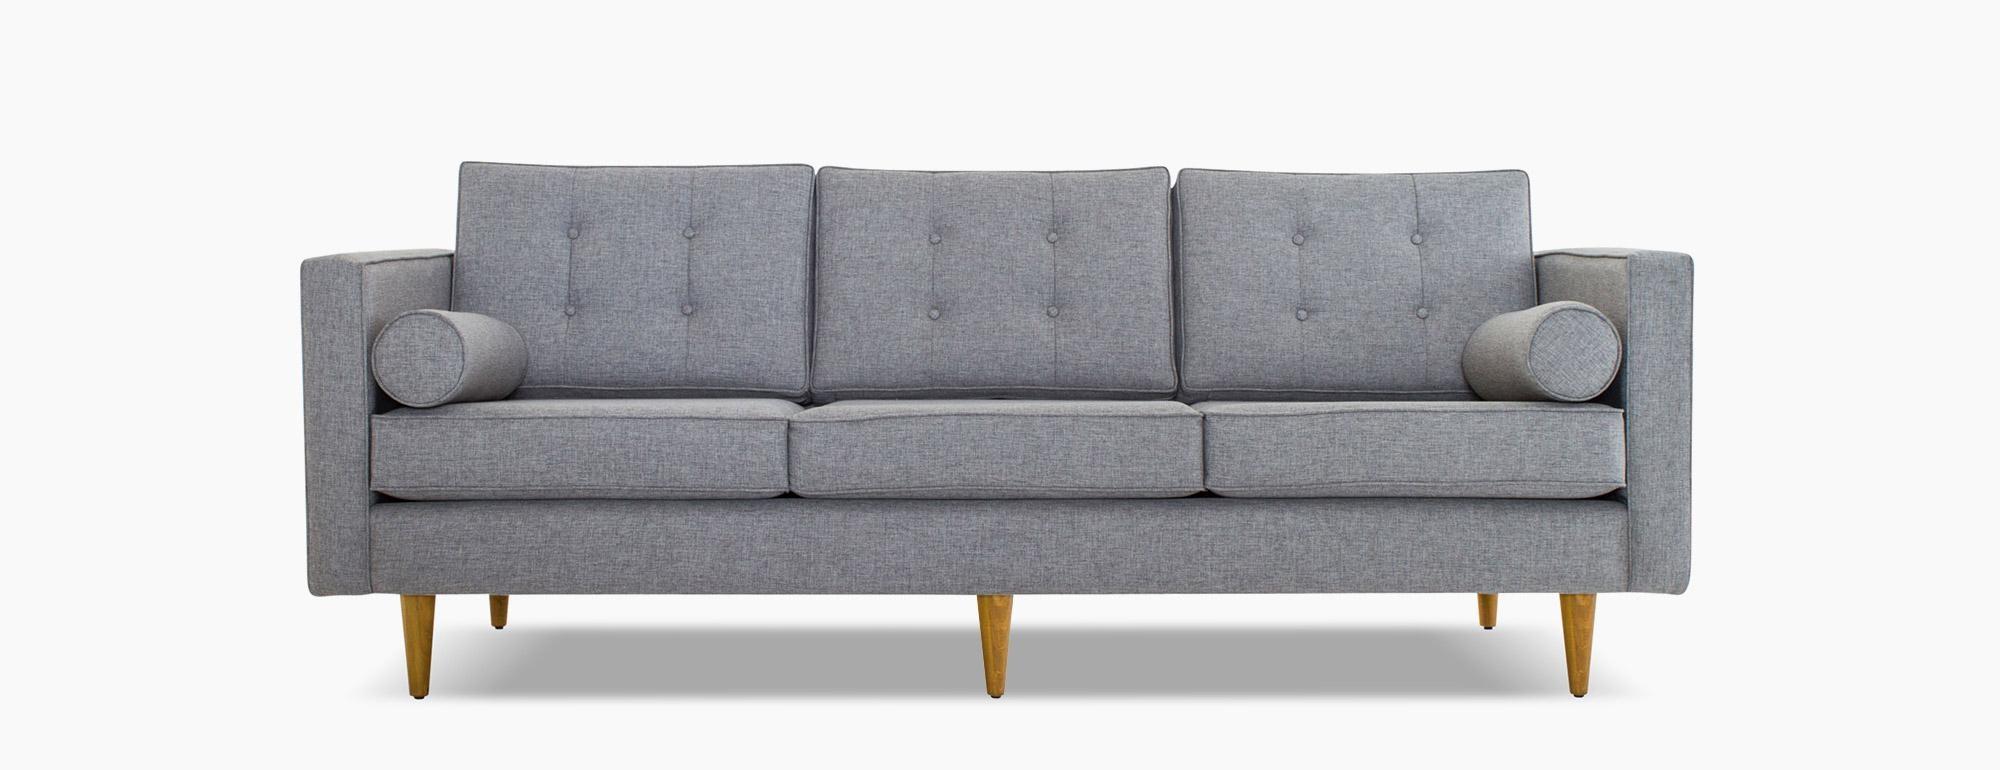 Braxton Sofa | Joybird With Regard To Braxton Sofas (Image 16 of 20)